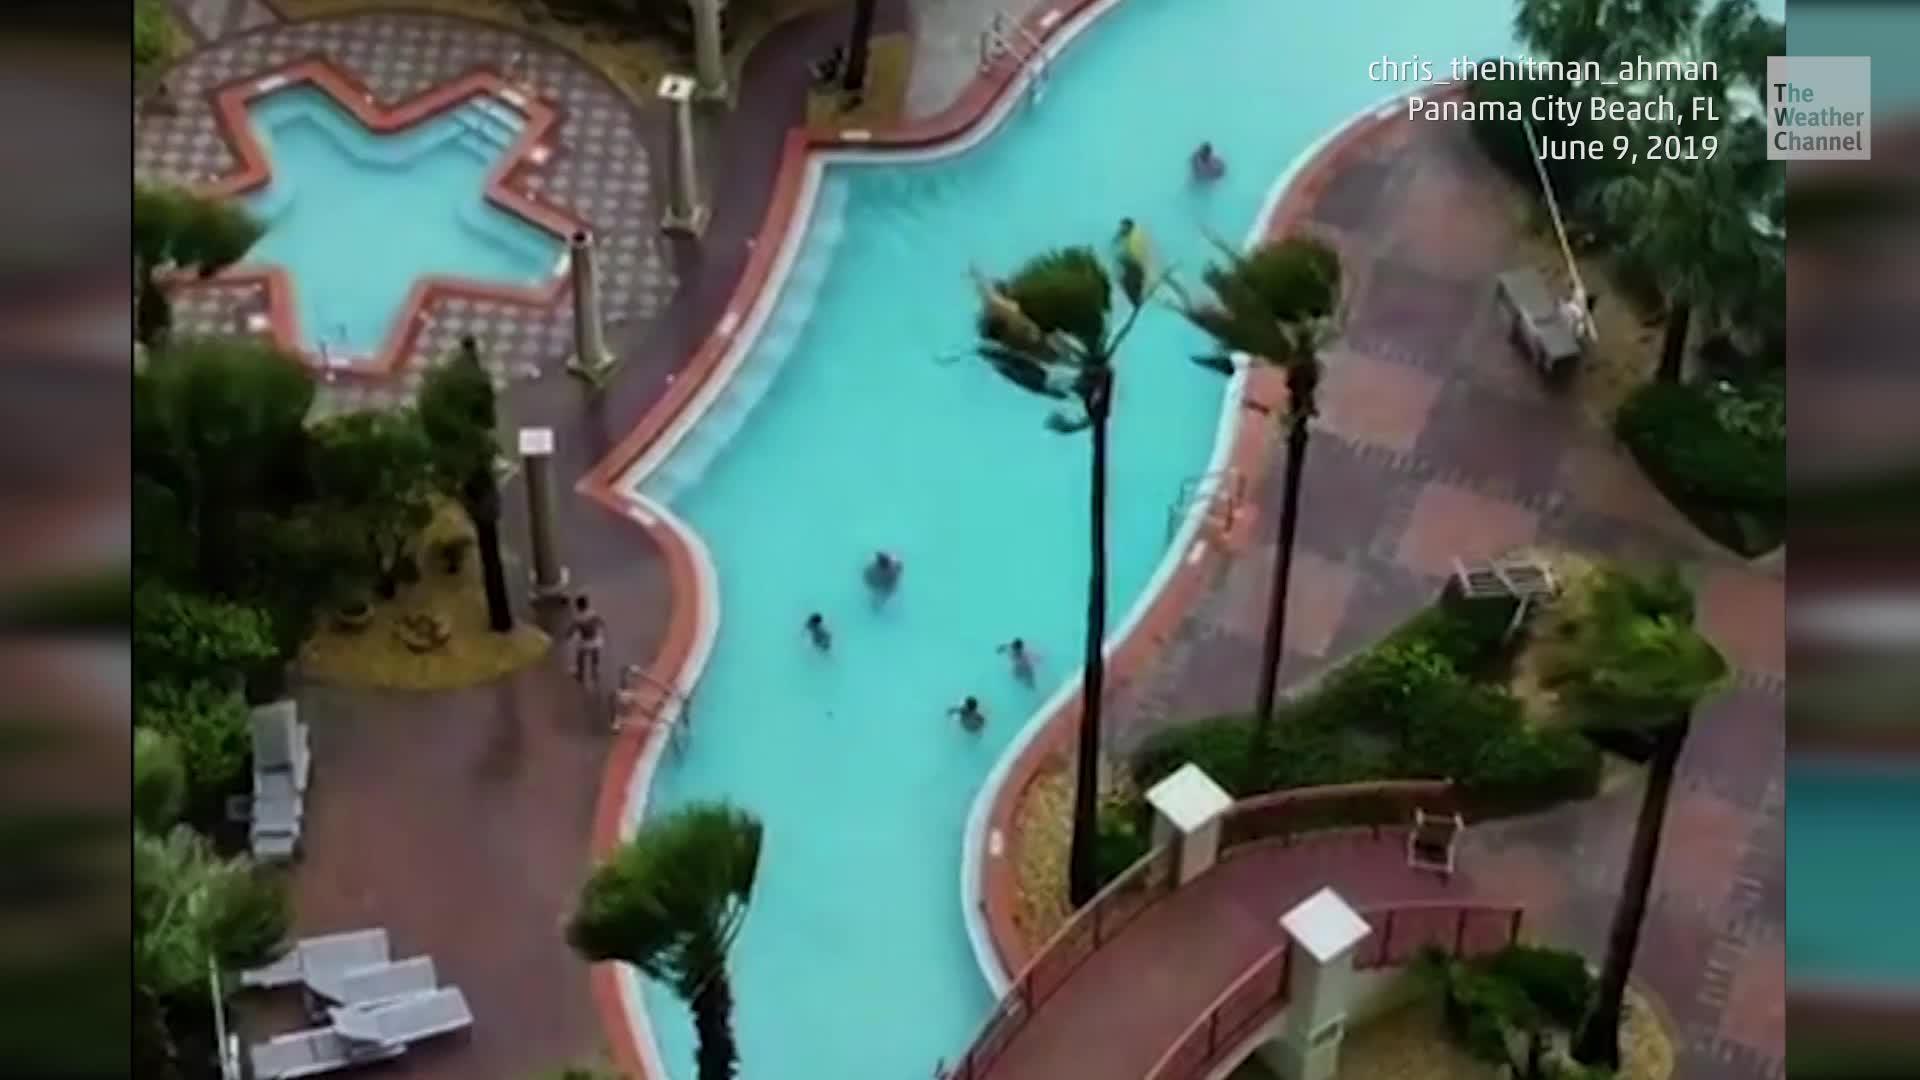 Fuertes vientos crearon un tornado sobre la piscina de un resort en Panama City Beach, Florida.